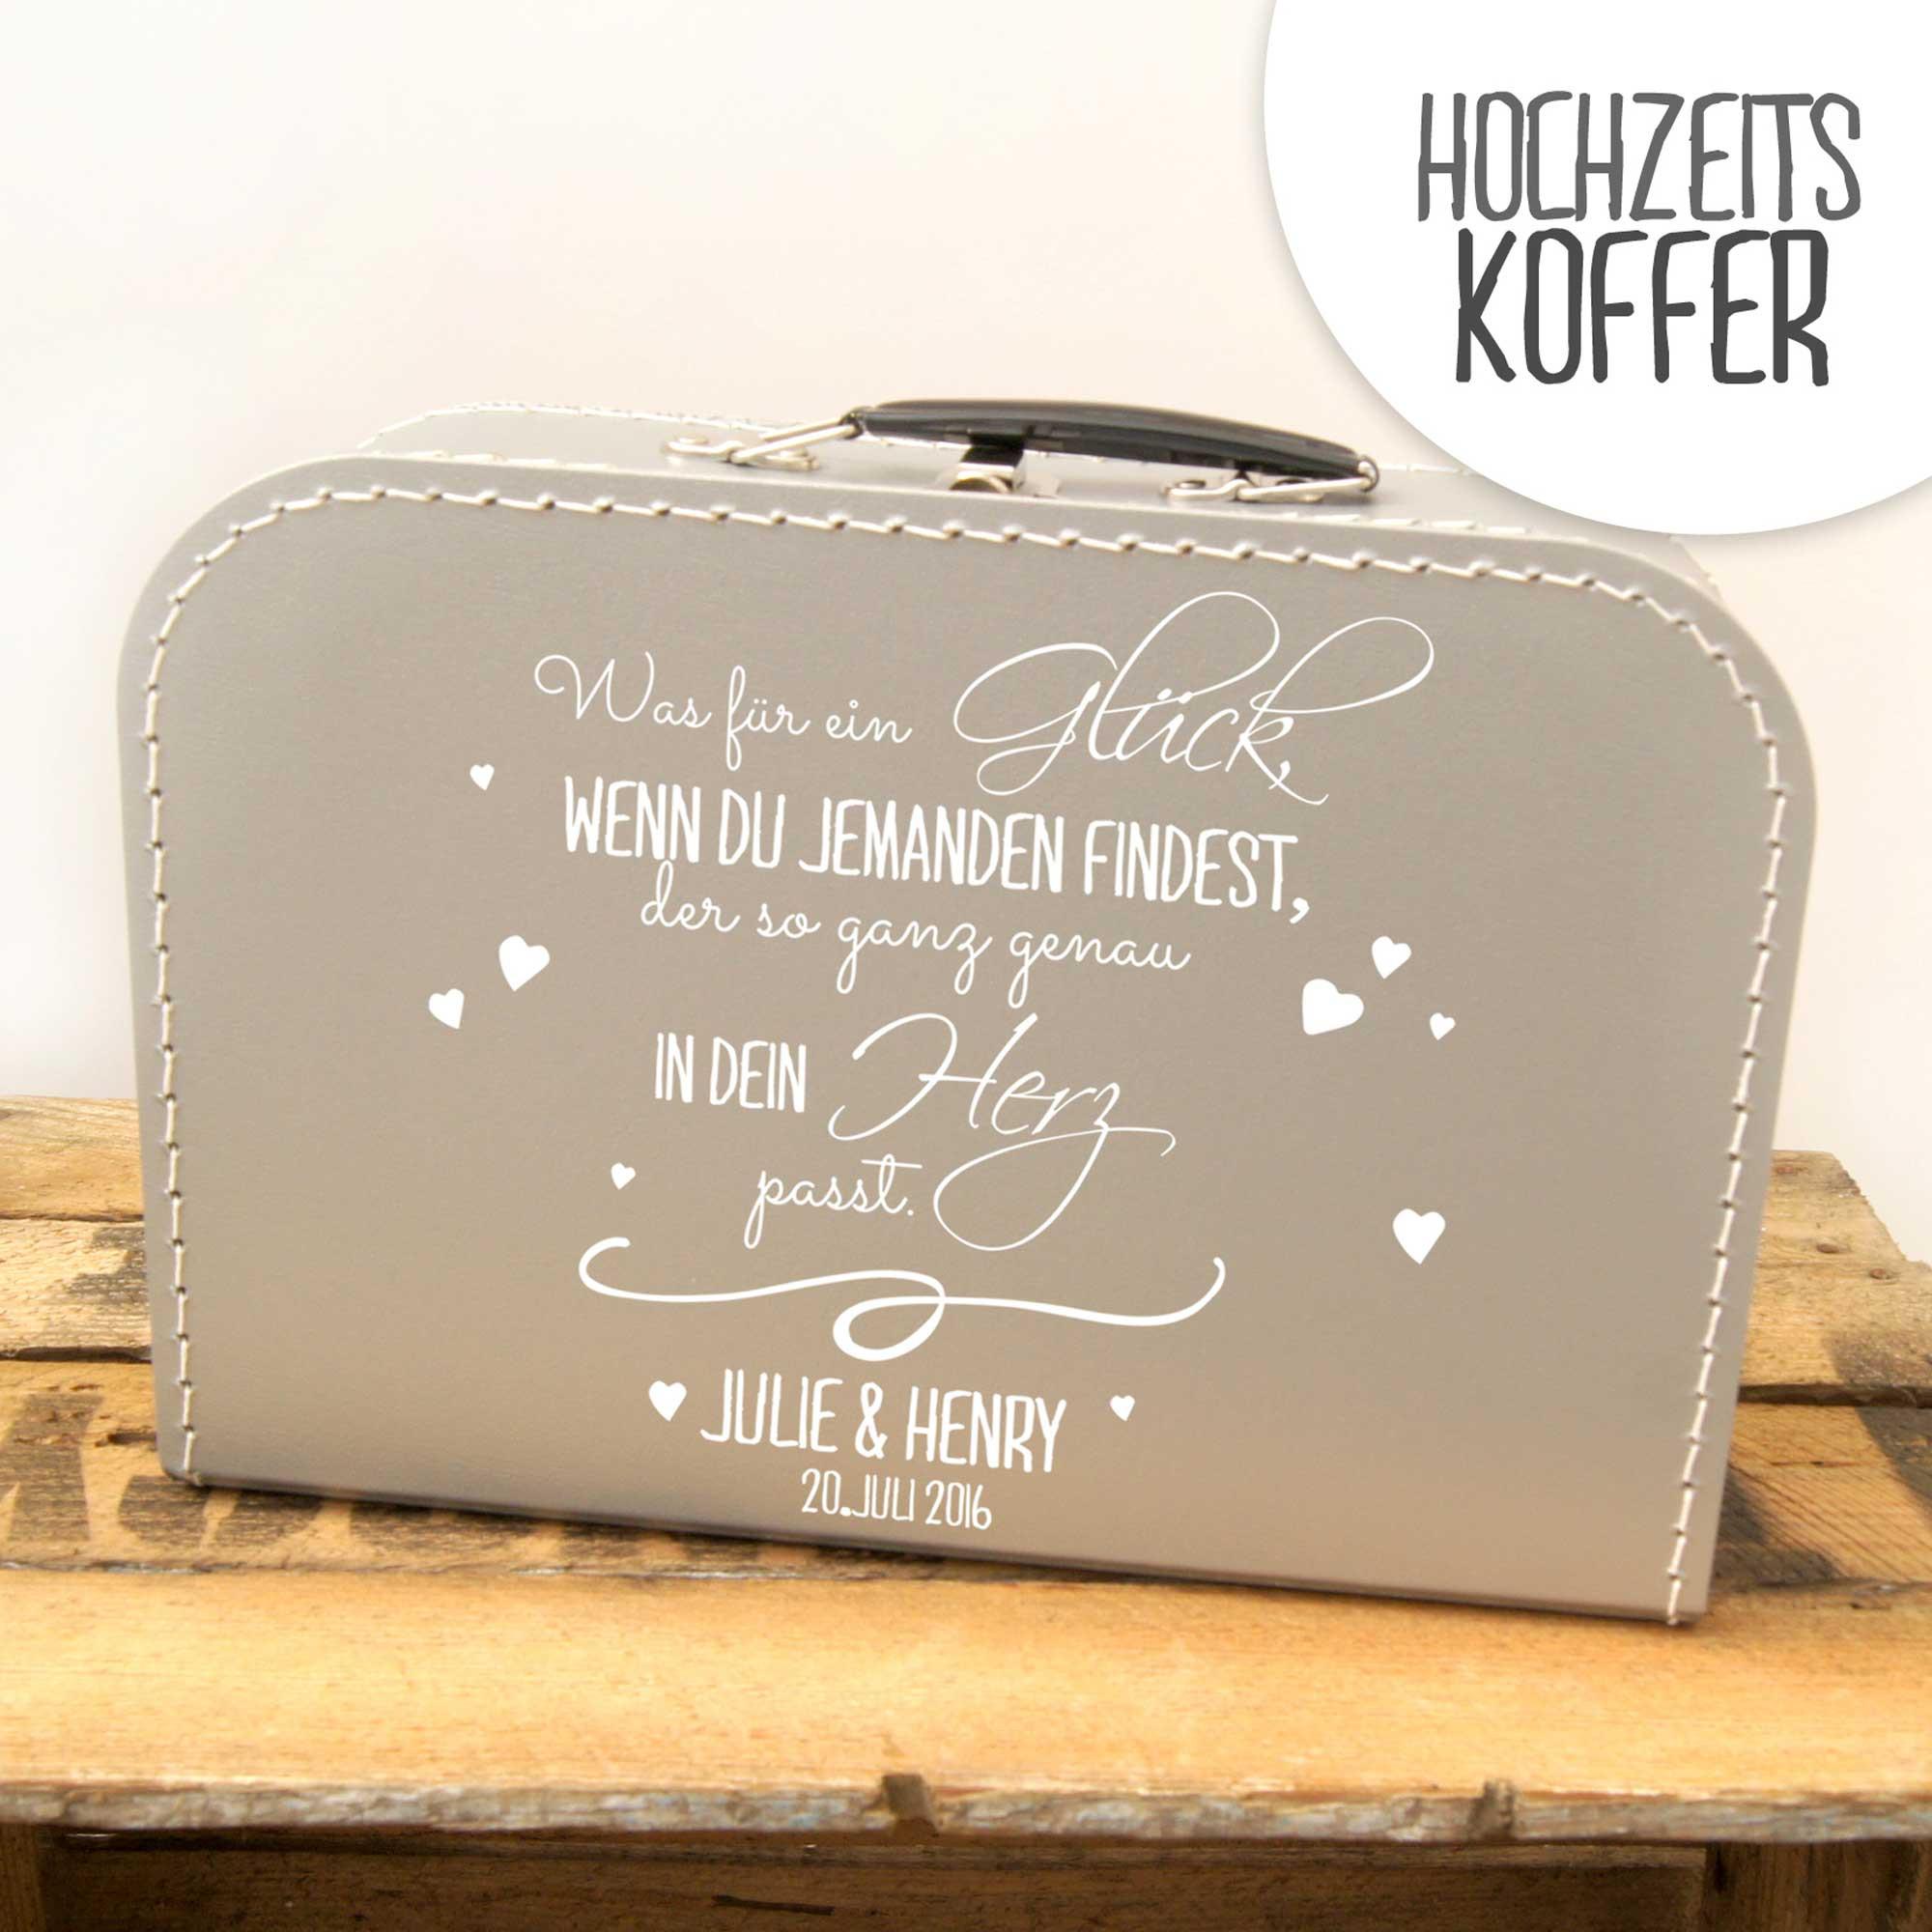 Kinderkoffer Koffer Zitat Spruch Glück Herz Wunschnamen Kos9